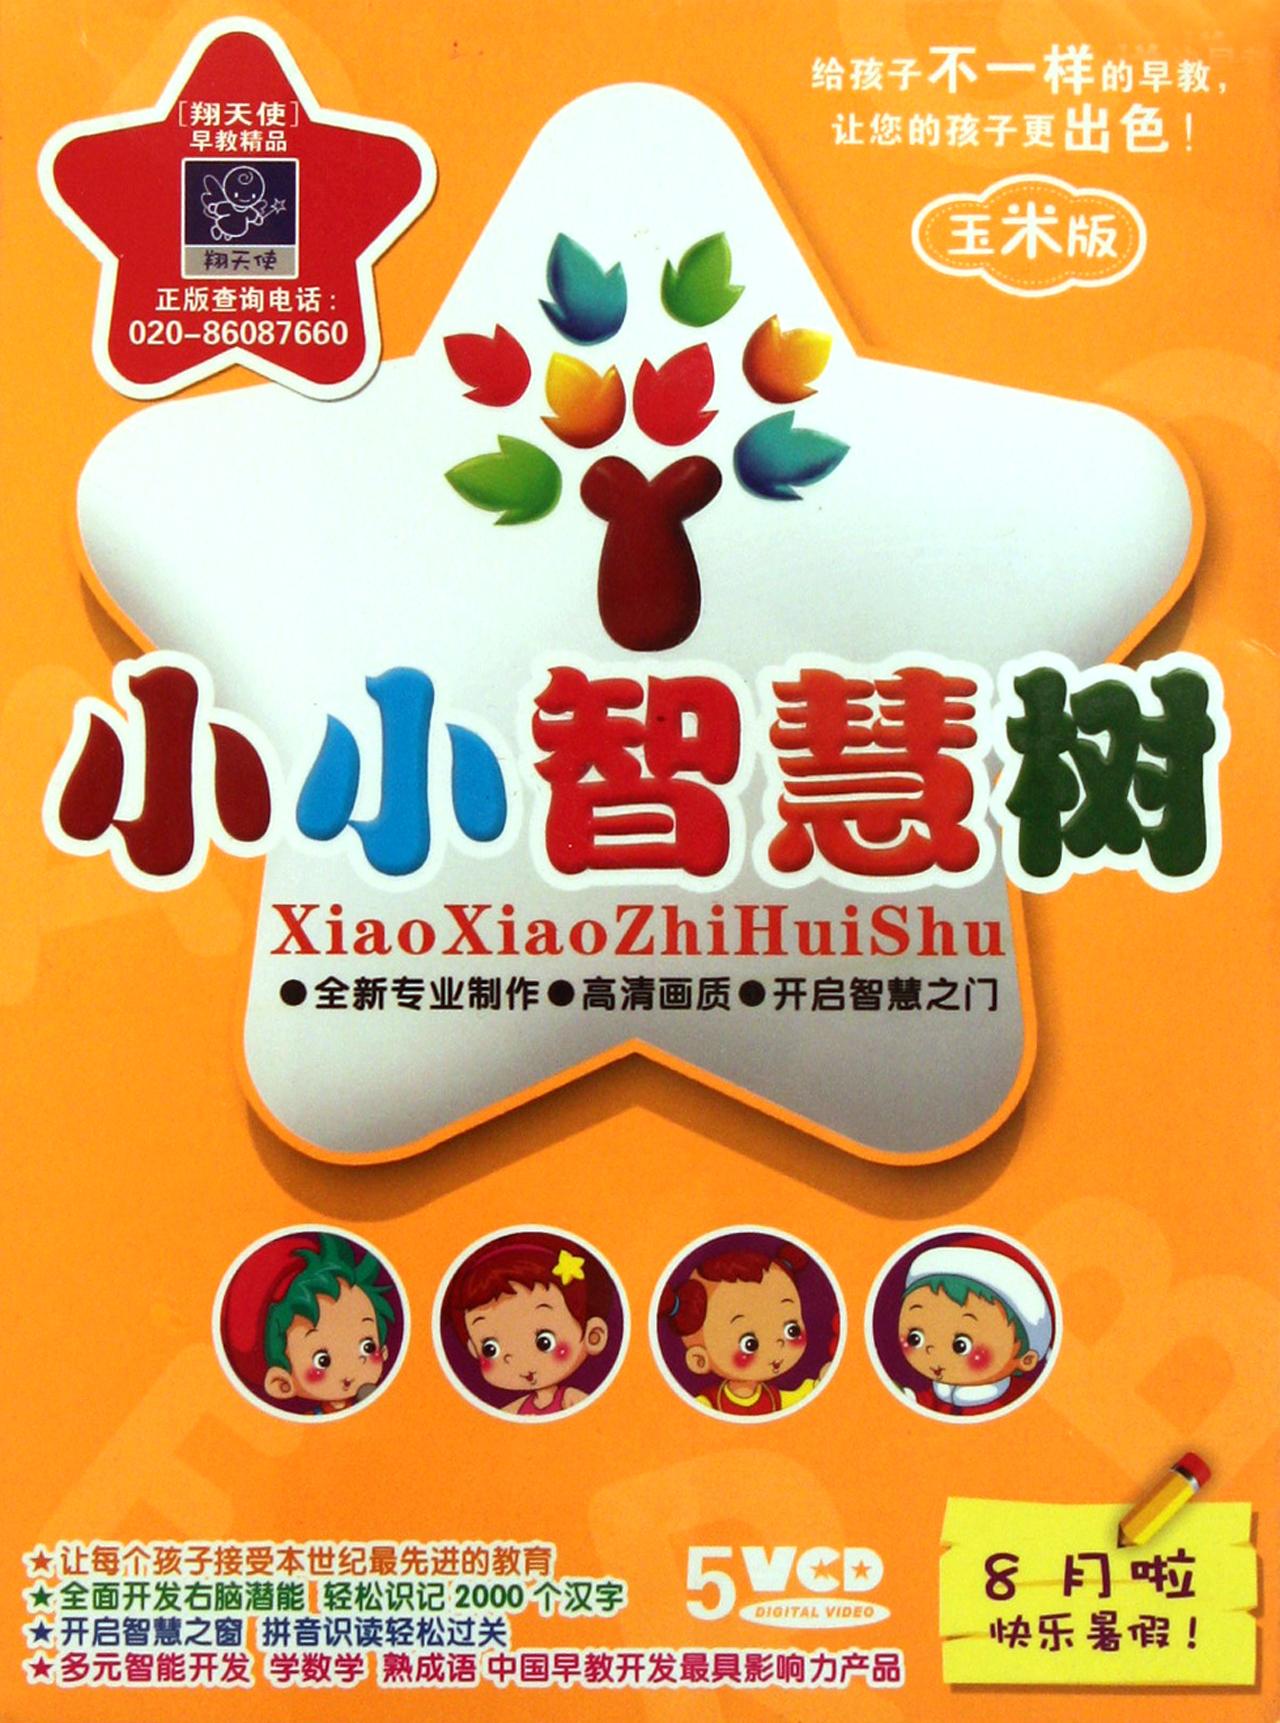 vcd小小智慧树 8月啦>快乐暑假(5碟装)